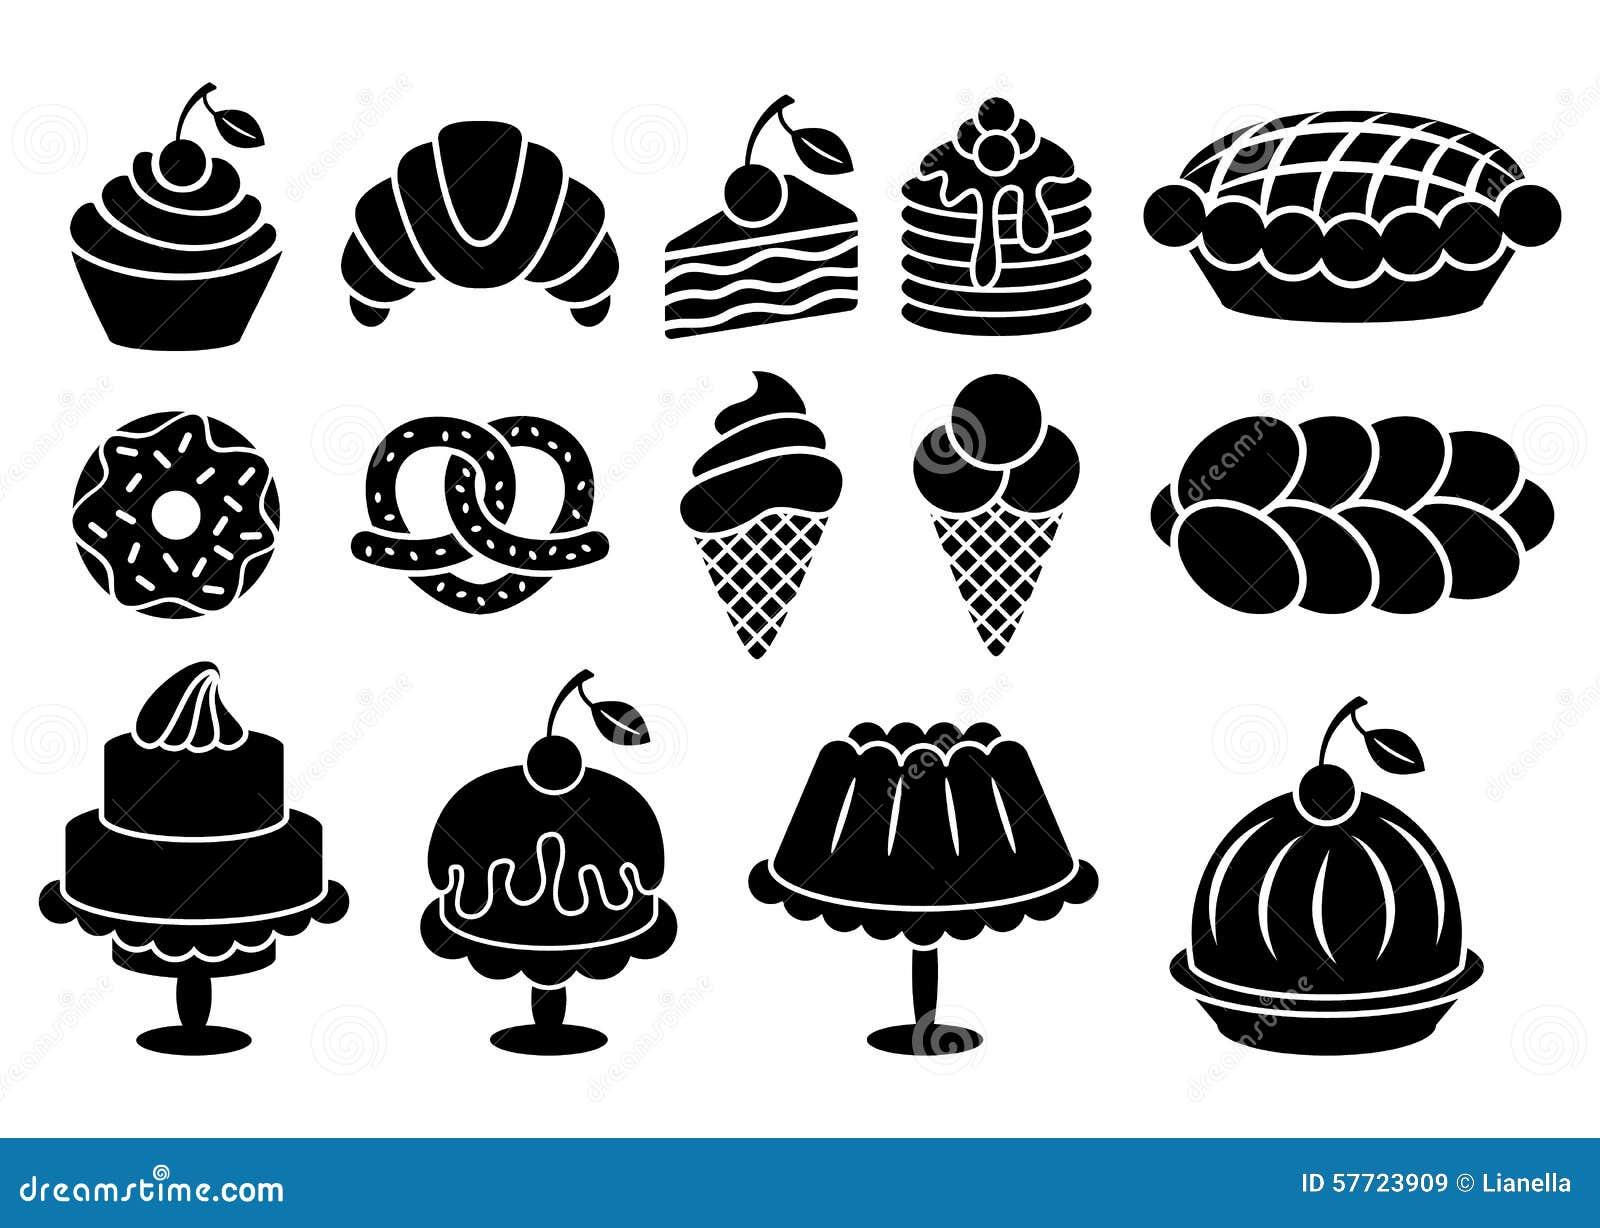 Black And White Cake And Ice Cream